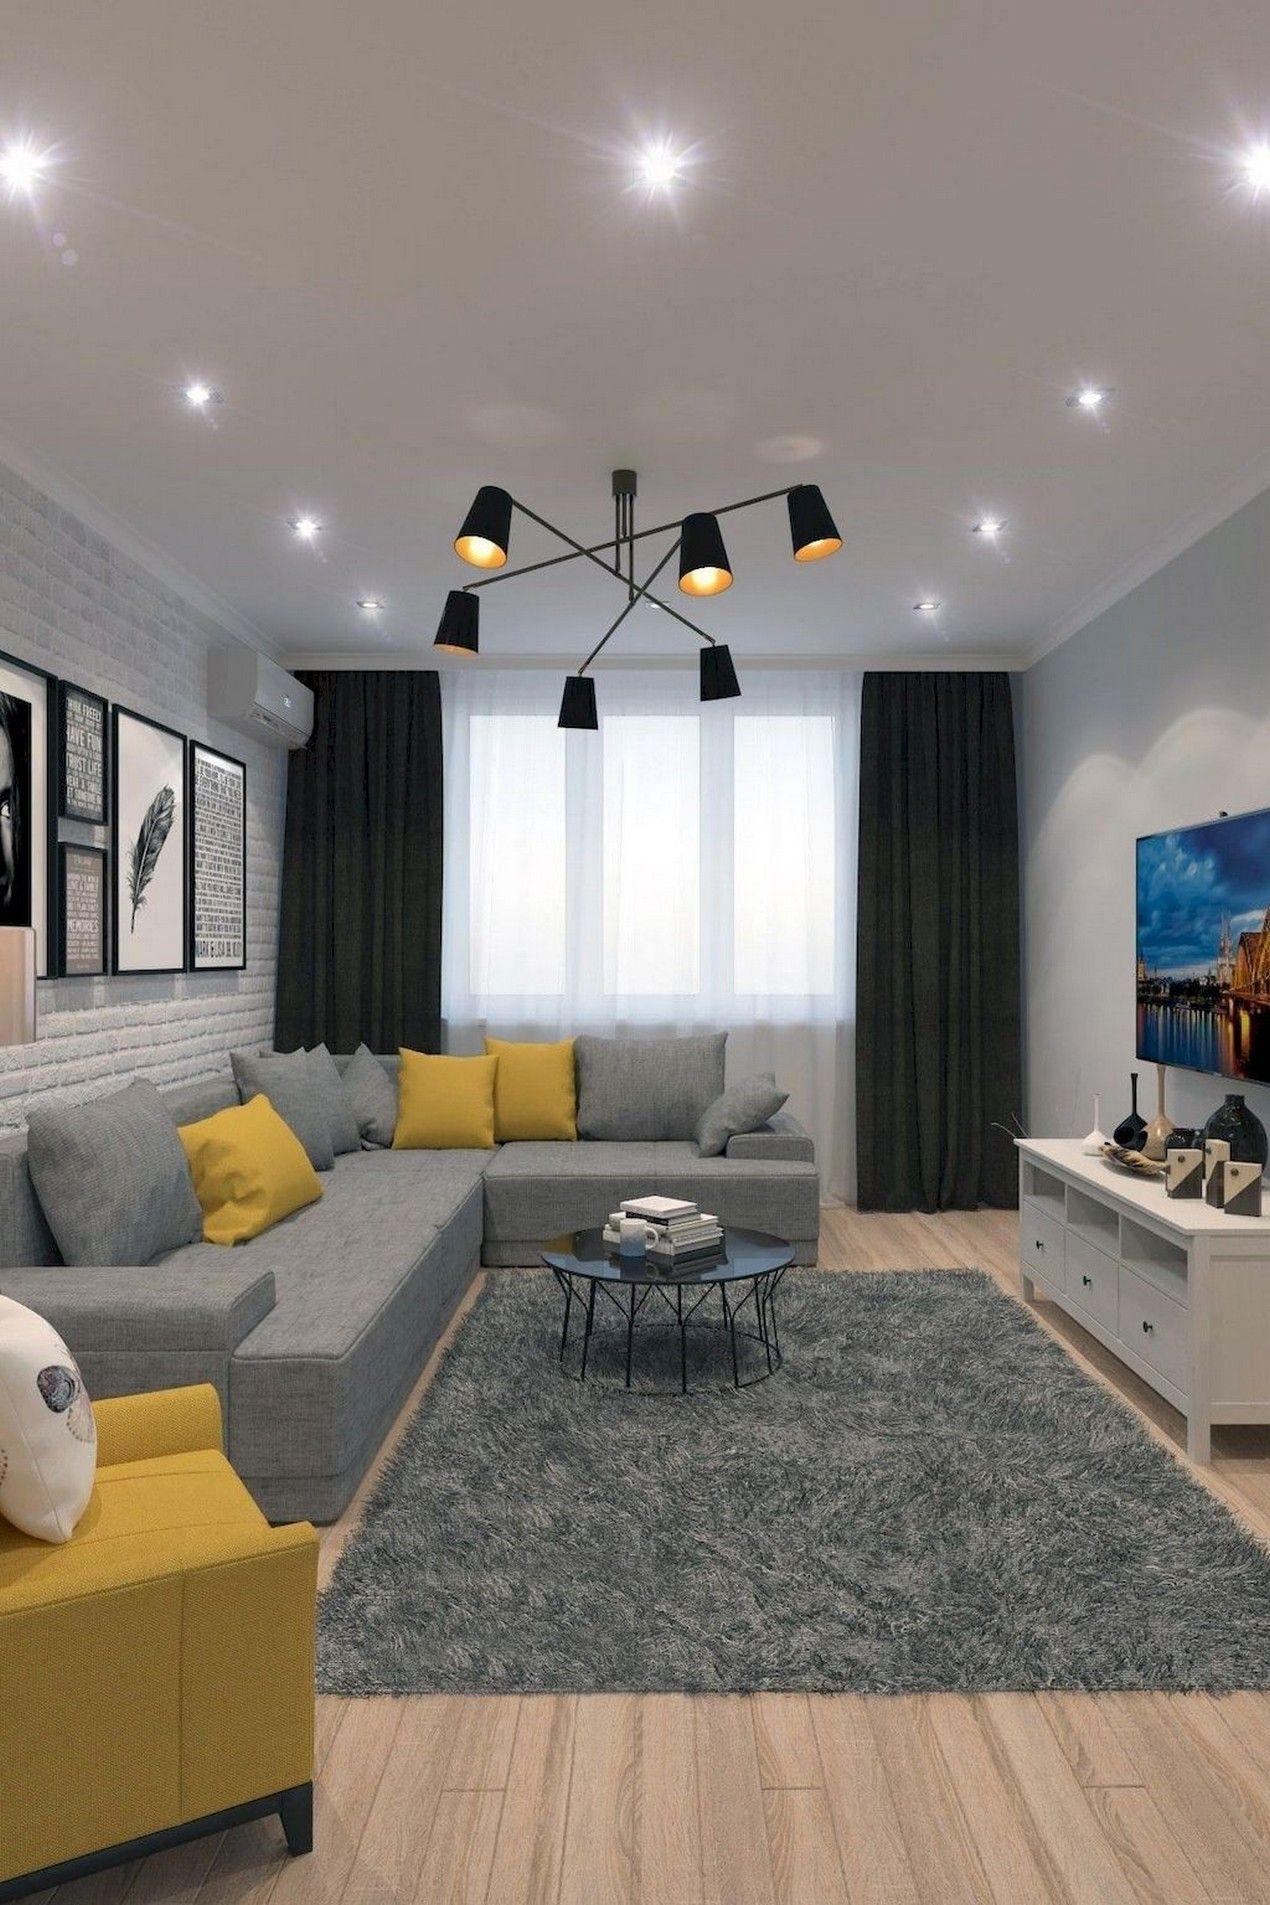 10 Inspirational Living Room Decor Ideas 9 Living Room Decor Apartment Classy Living Room Living Room Stands Inspirational living room colors